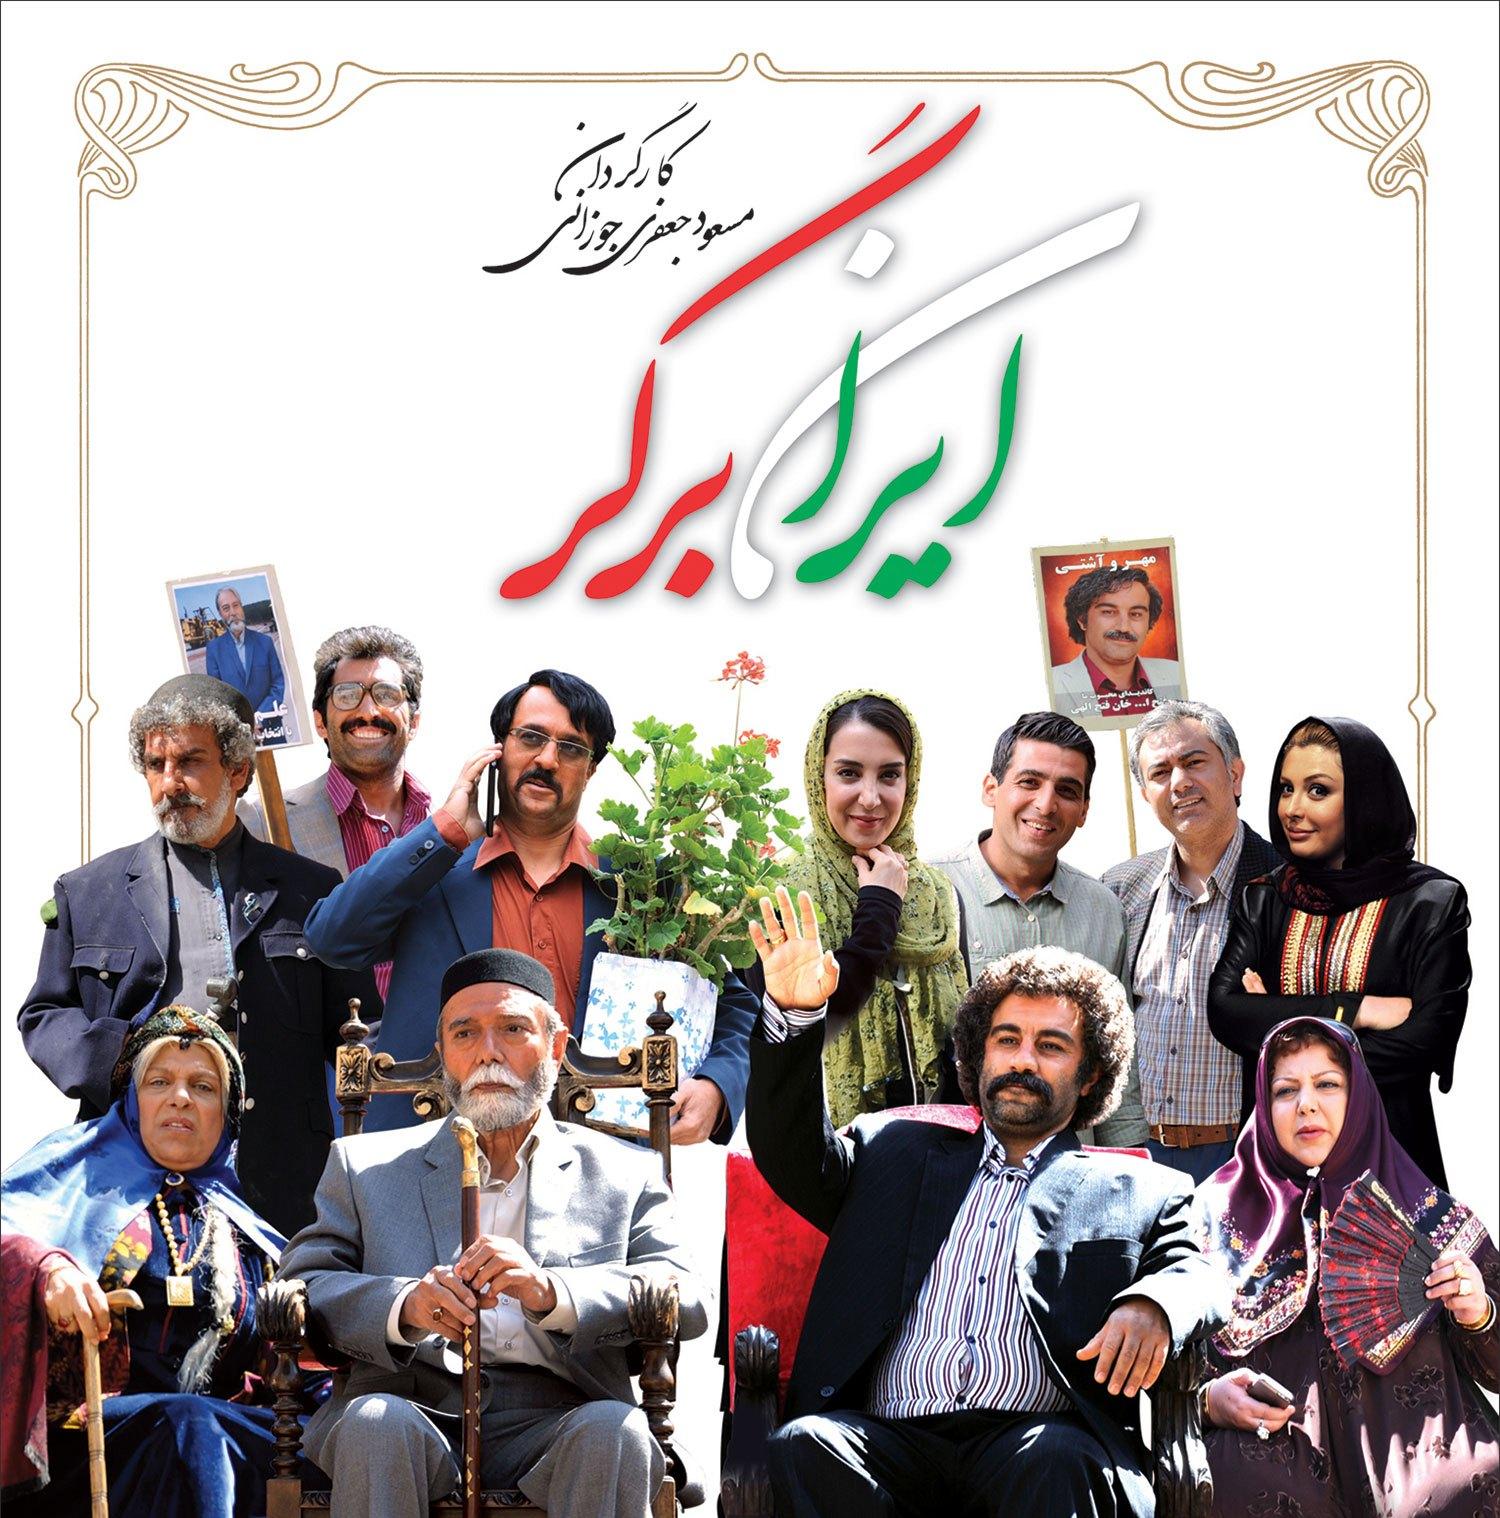 دانلود رایگان فیلم ایرانی ایران برگر با لینک مستقیم و کیفیت عالی